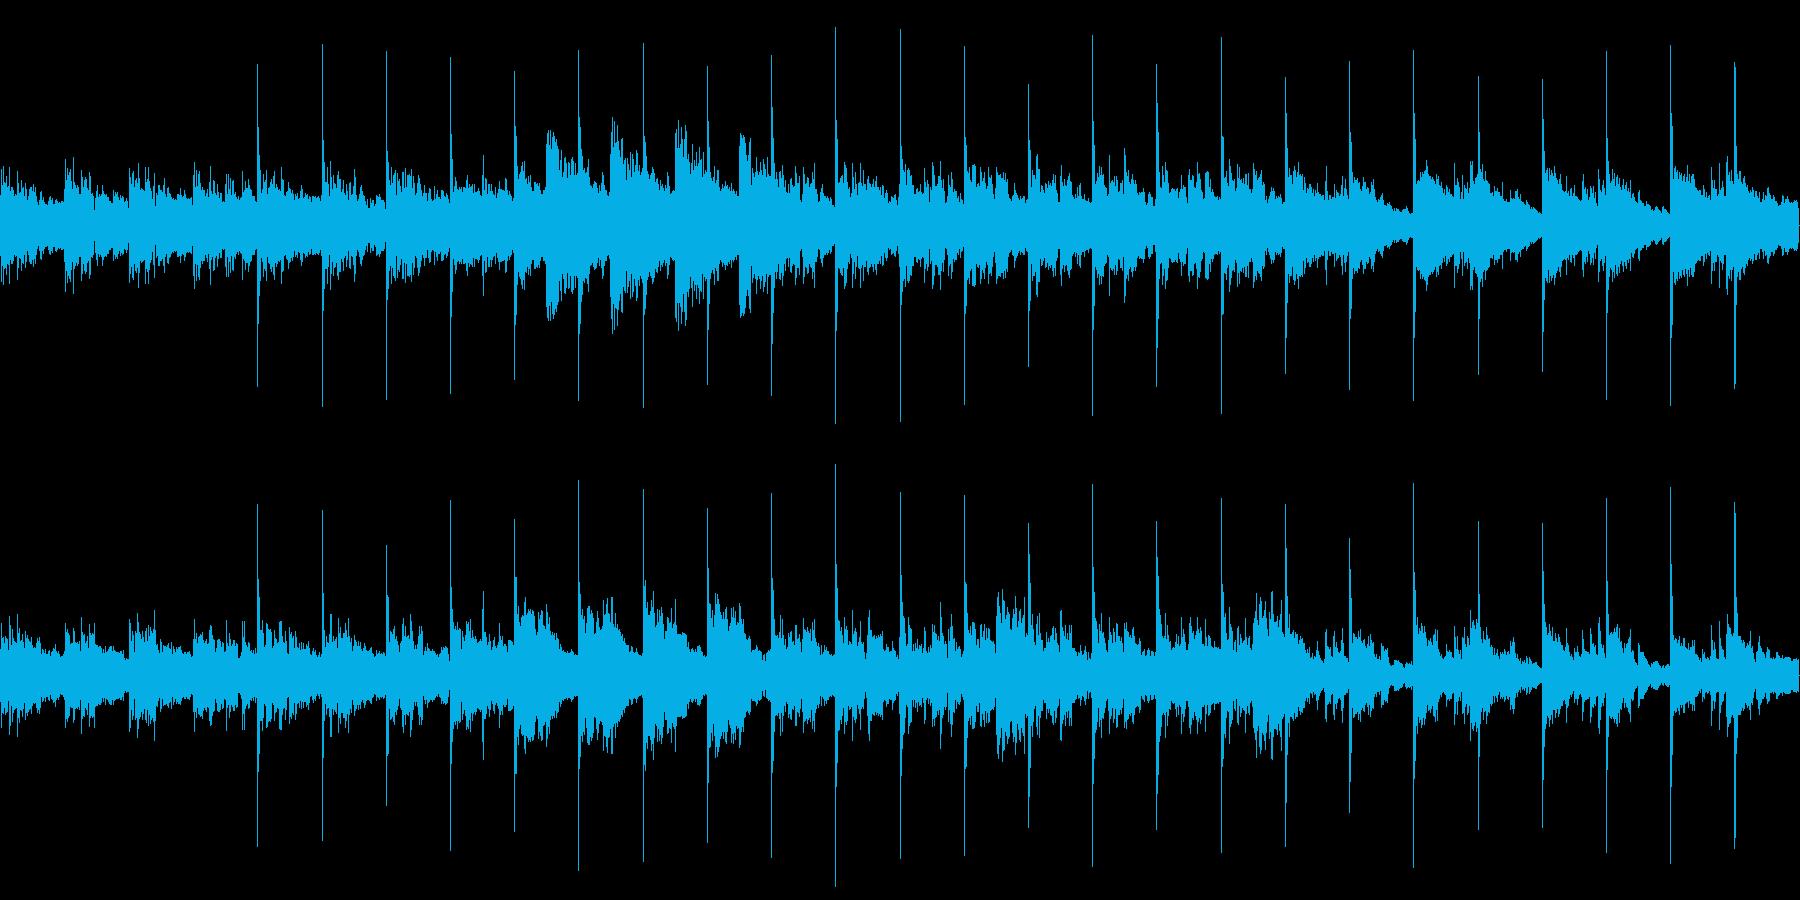 ゲームBGM想定曲(ホラー、暗め)の再生済みの波形